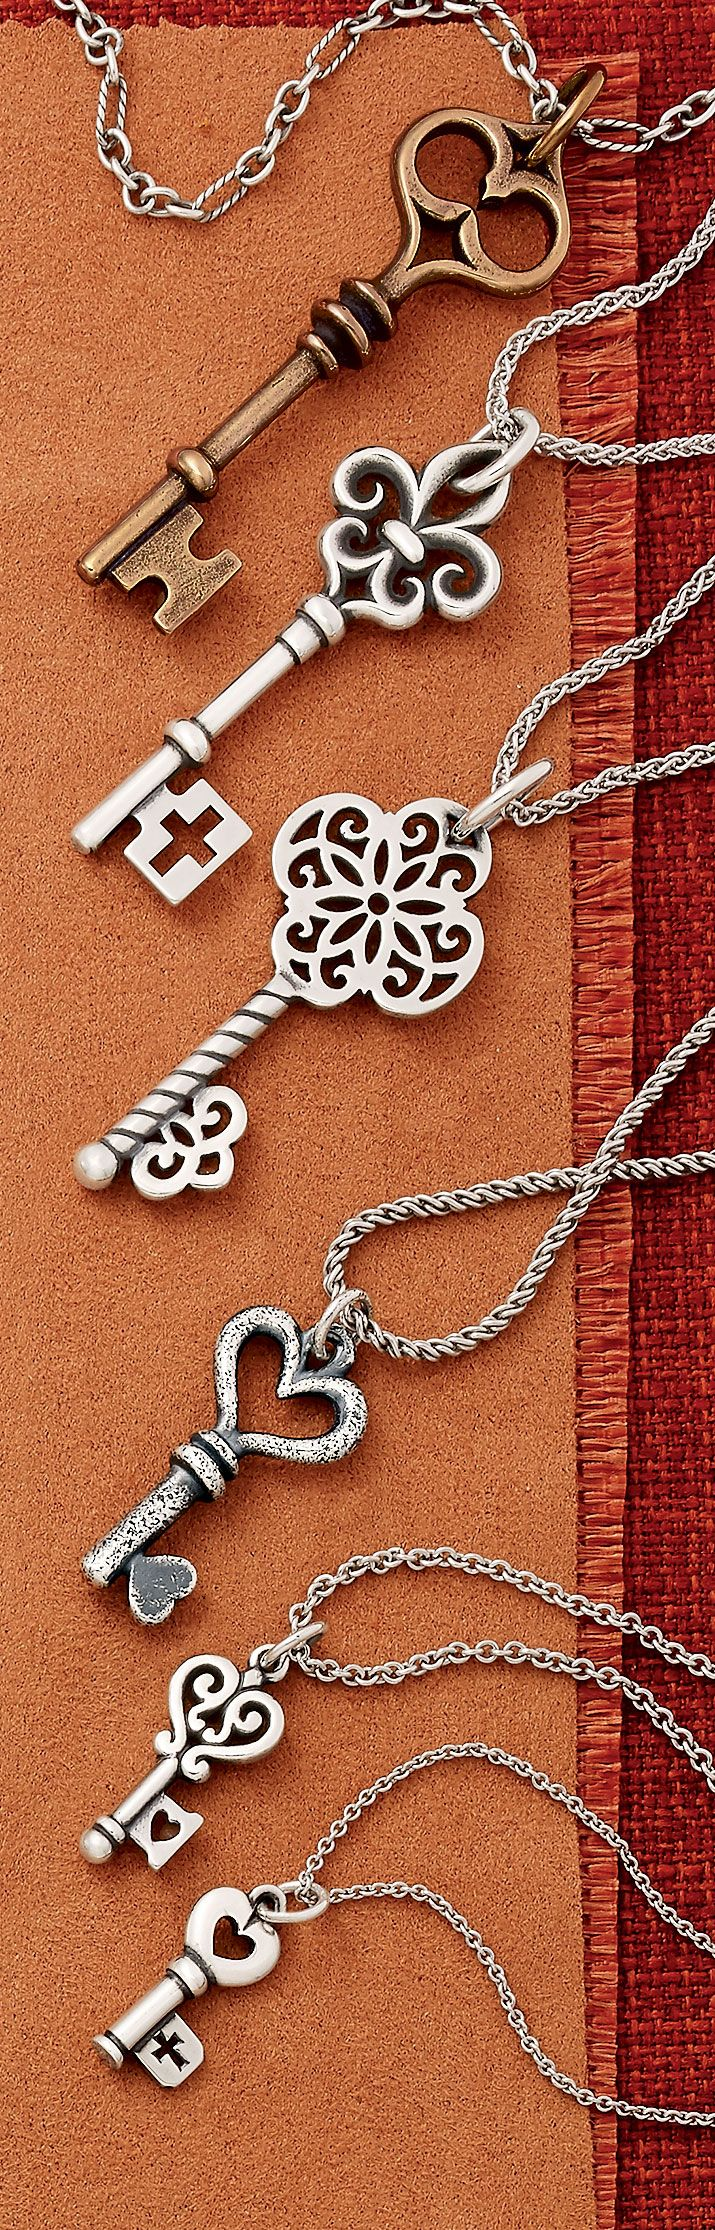 Fall Collection - Key Pendants and Charms #JamesAvery